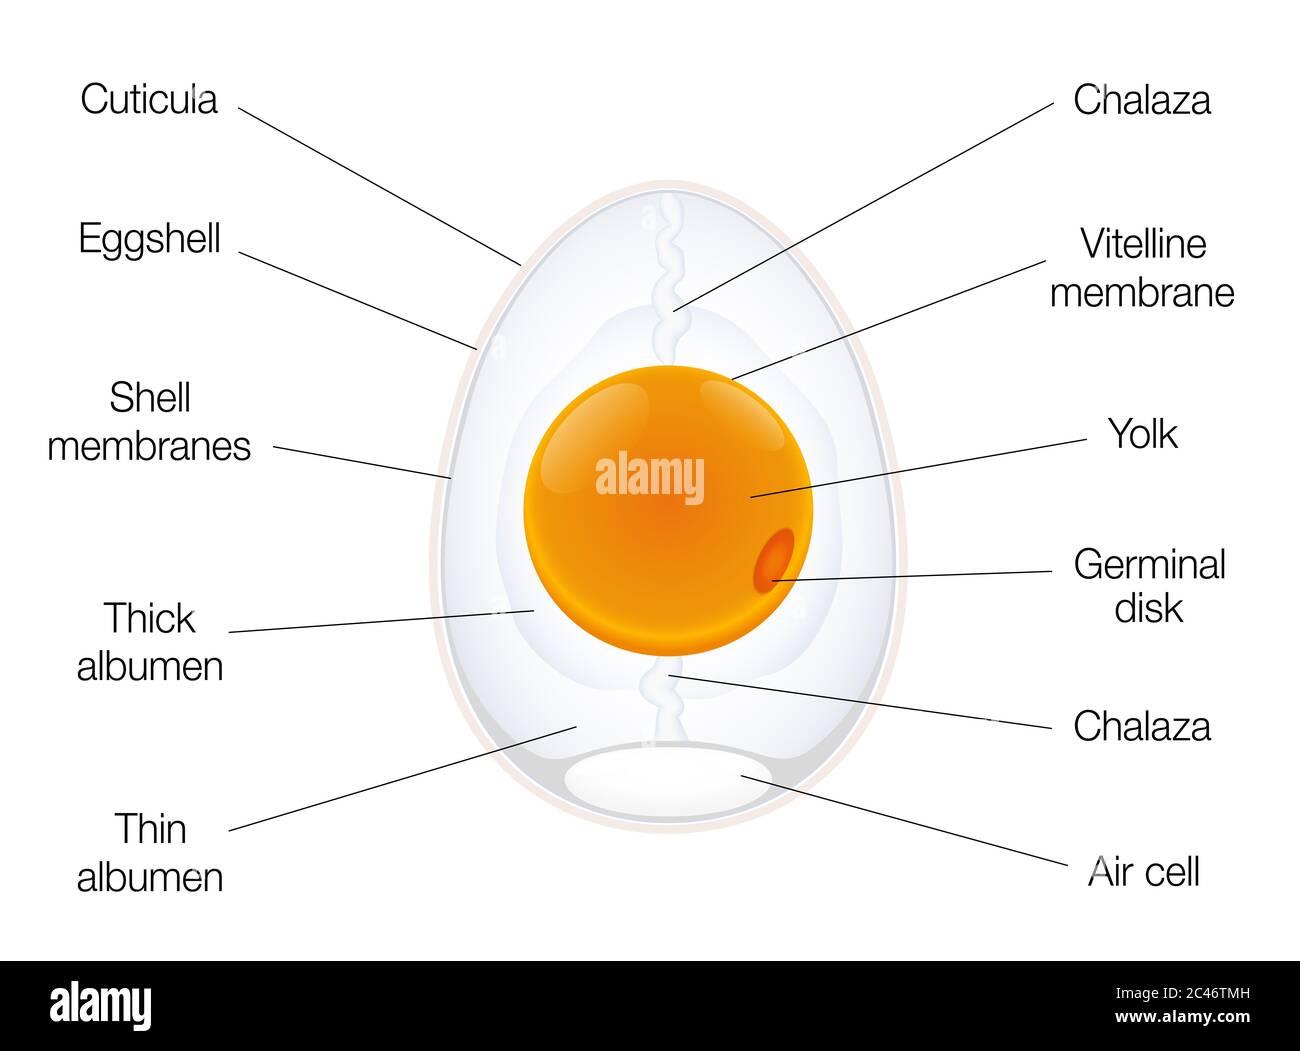 Anatomía de un huevo de aves. Gráfico de estructura de huevo con nombres de los componentes - ilustración sobre fondo blanco. Foto de stock